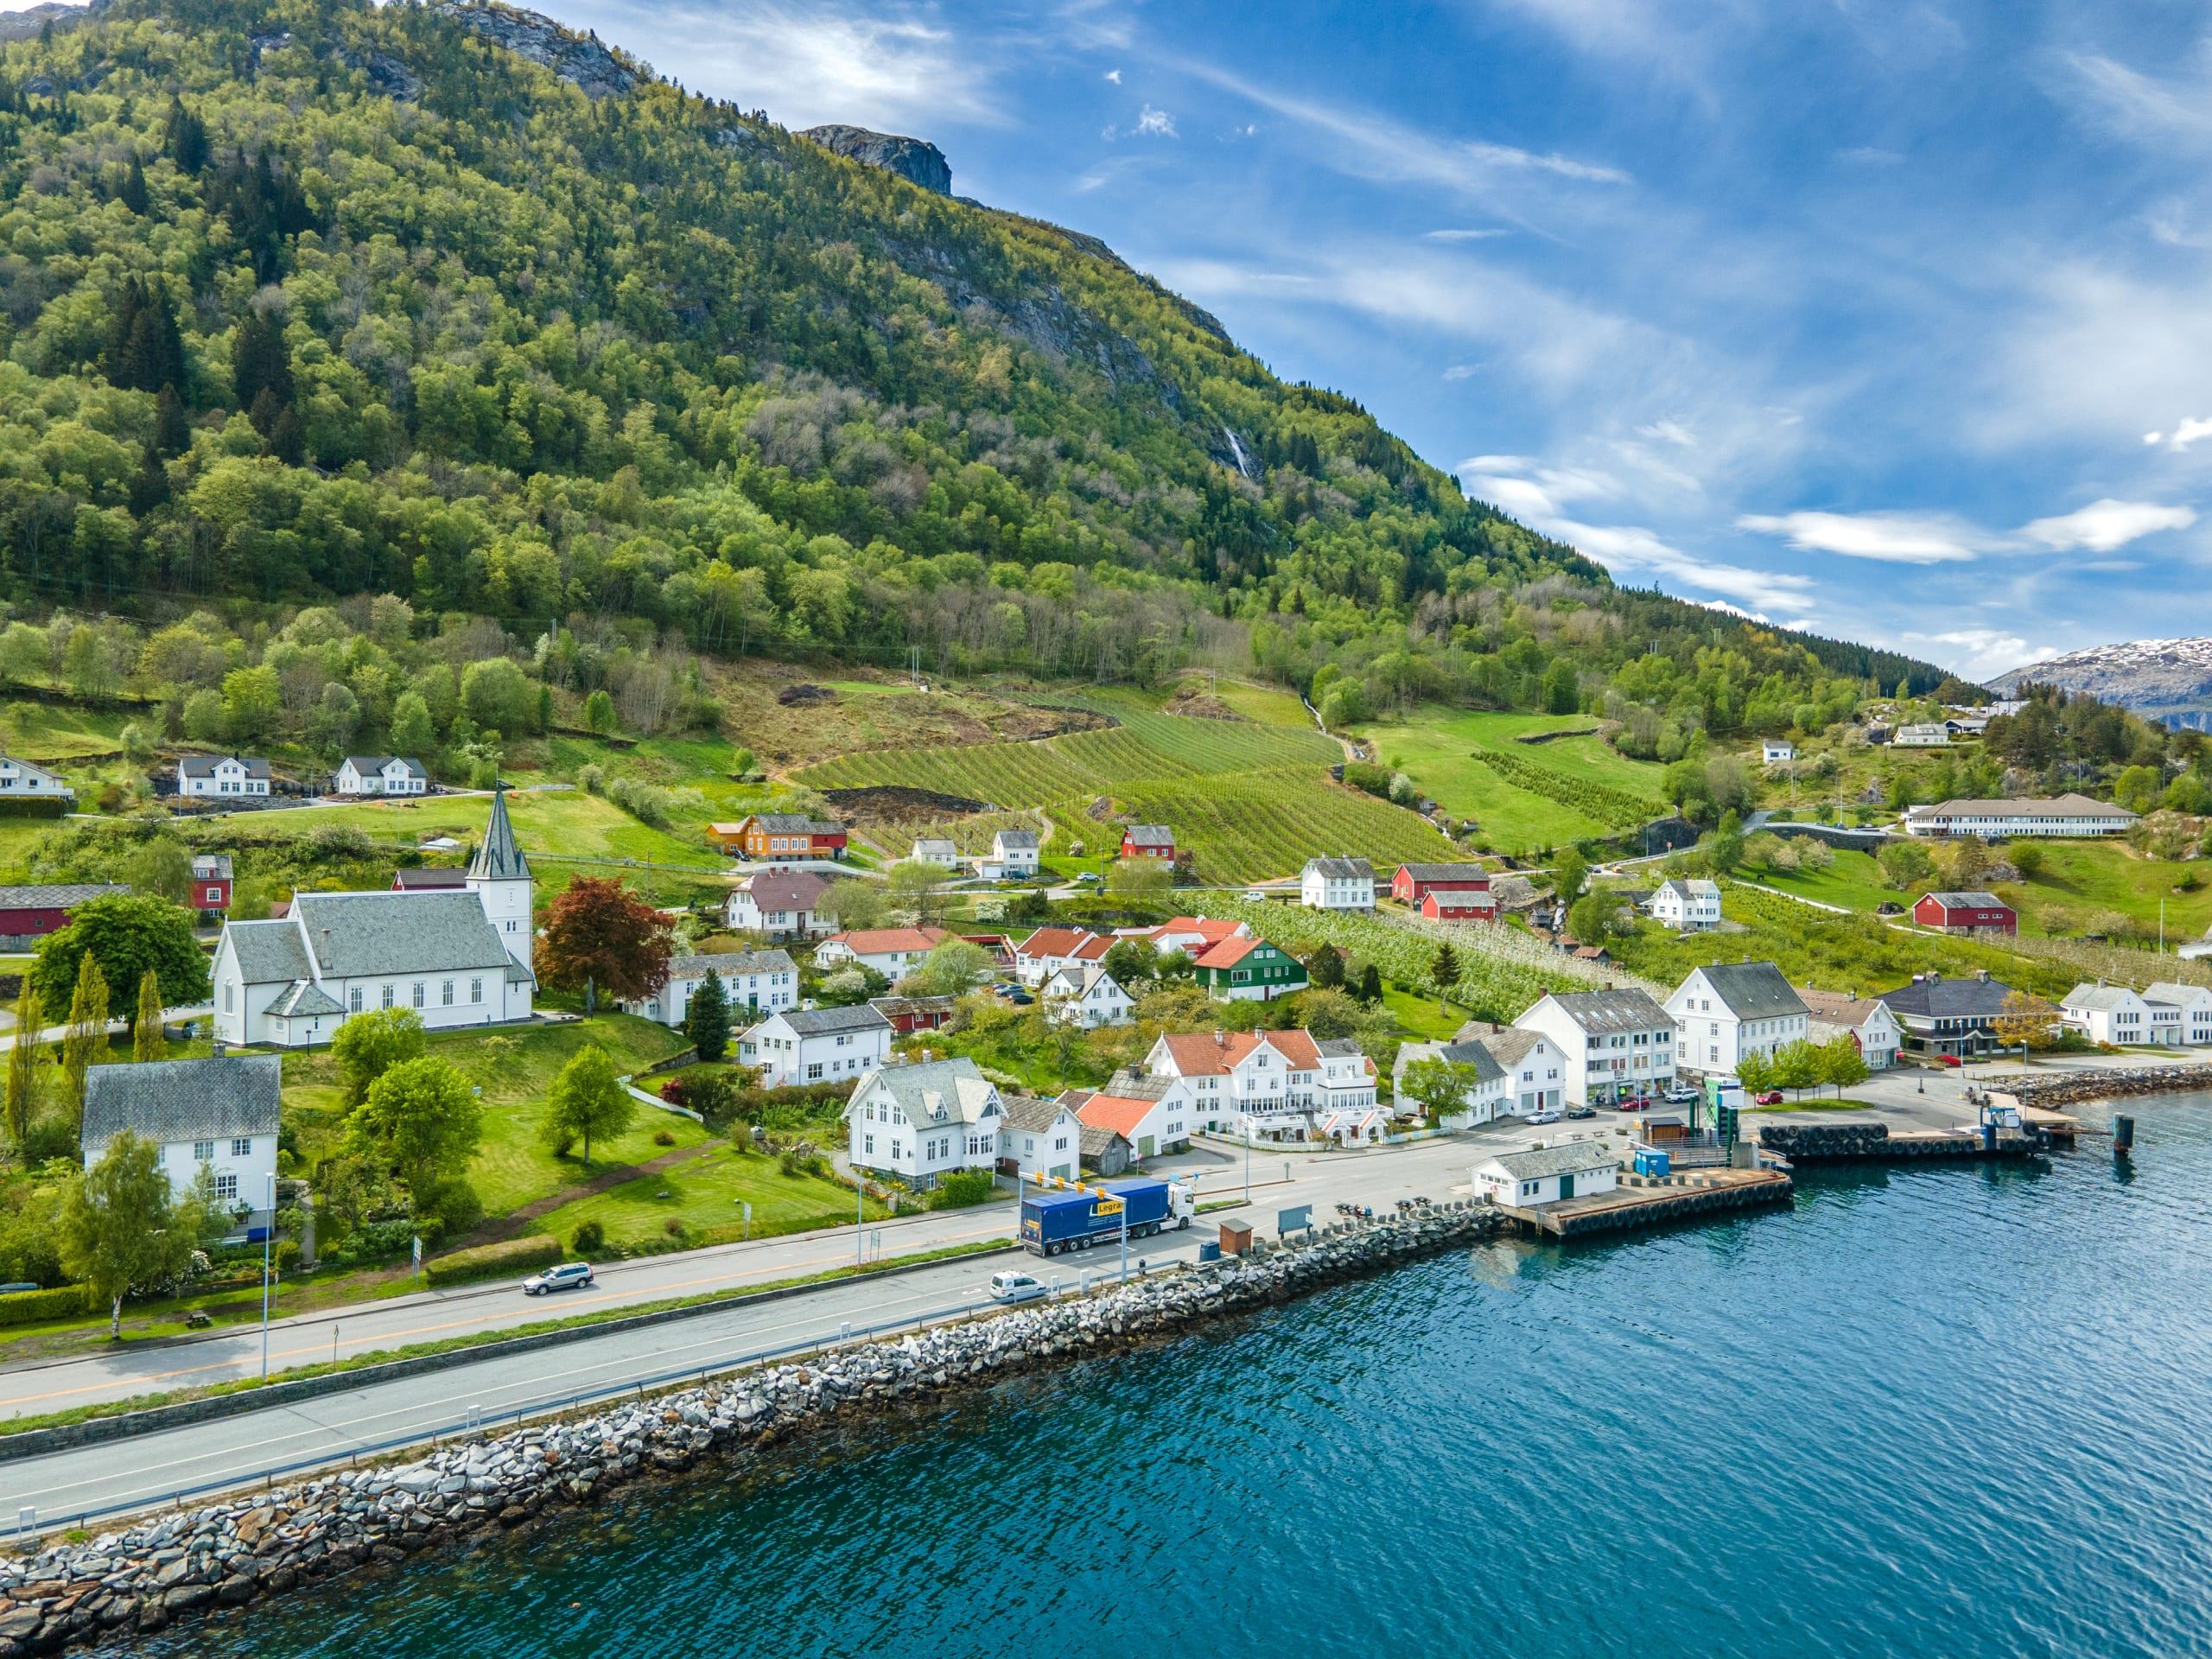 Utne fjord village in Hardanger